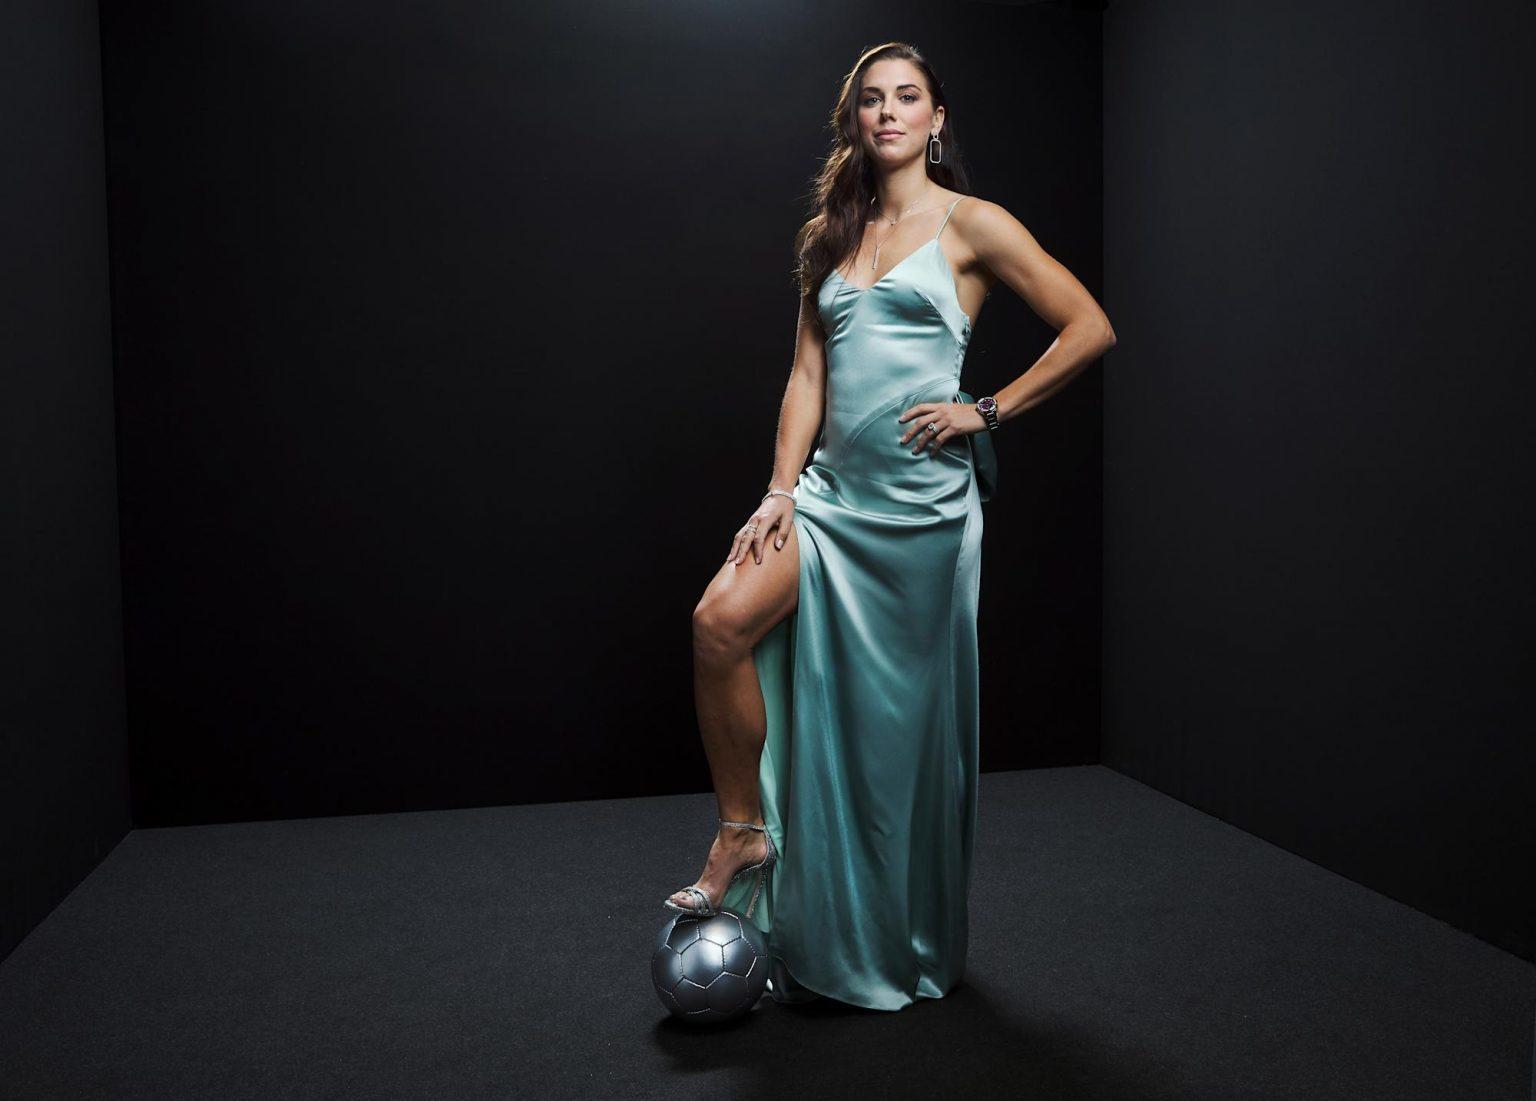 Nữ tiền đạo xinh đẹp hớp hồn phái mạnh tại Olympic Tokyo